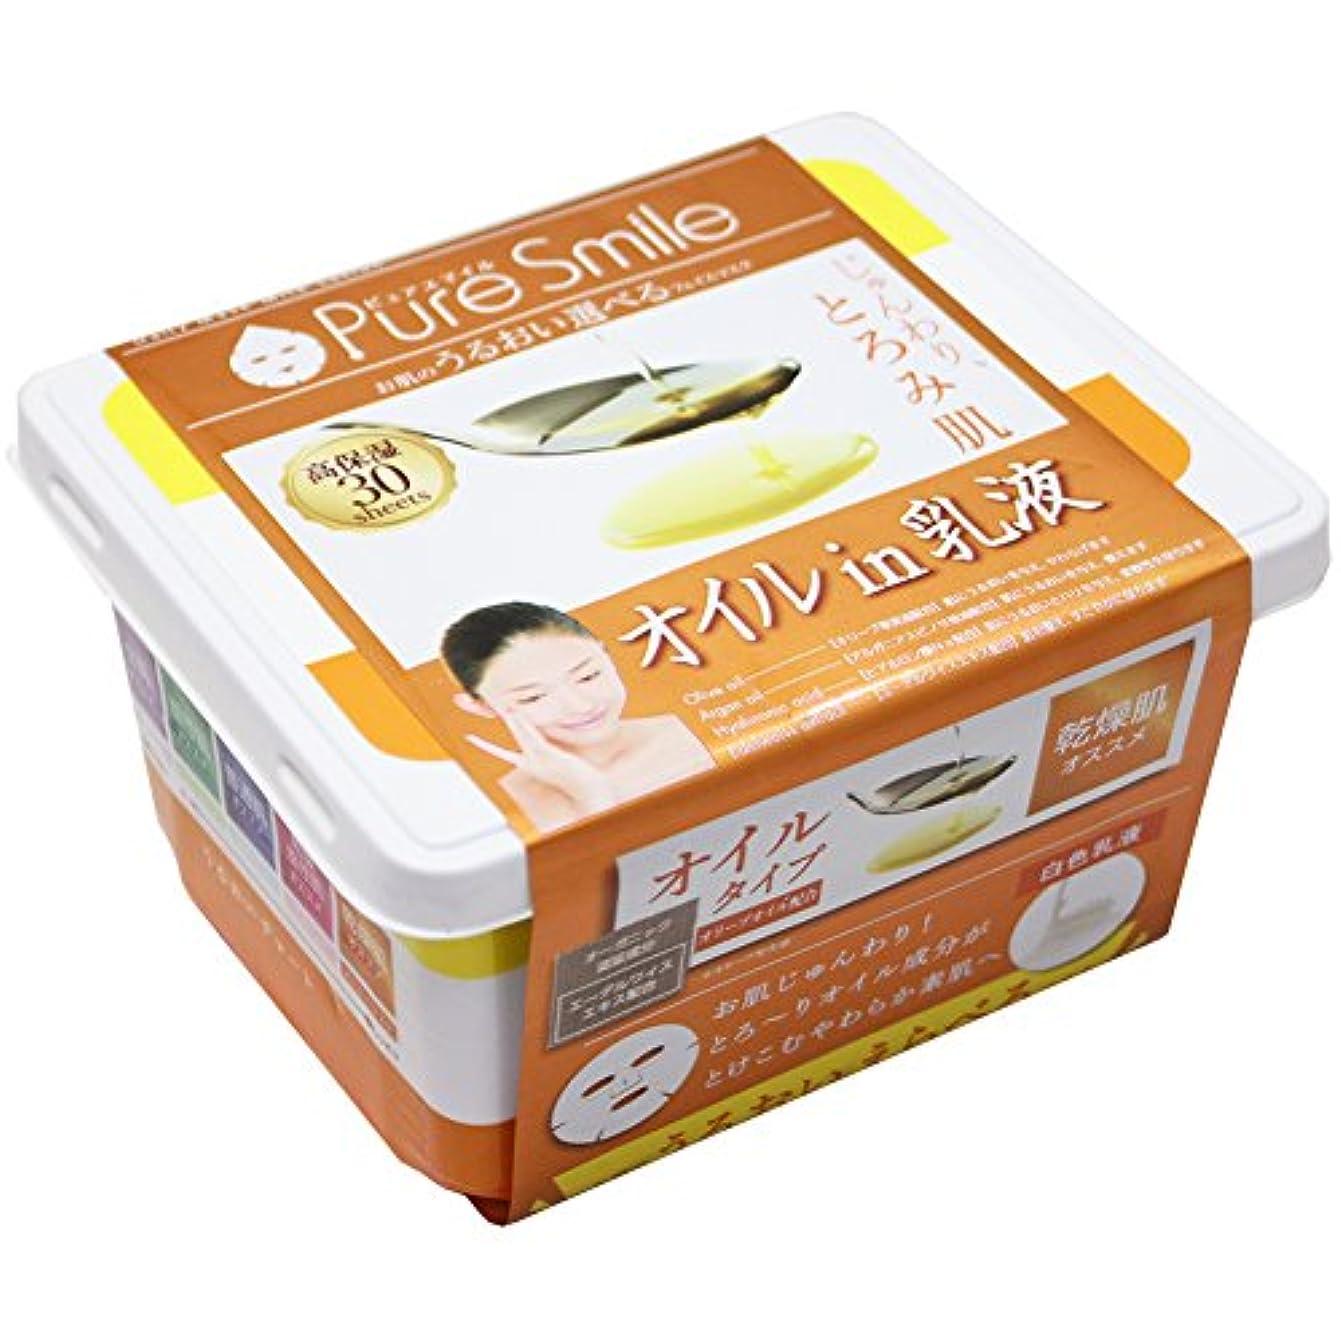 対称先生メニューPure Smile(ピュアスマイル) PureSmile(ピュアスマイル) フェイスパック エッセンスマスク 30枚セット オイルin乳液?3S05 フェイスマスク